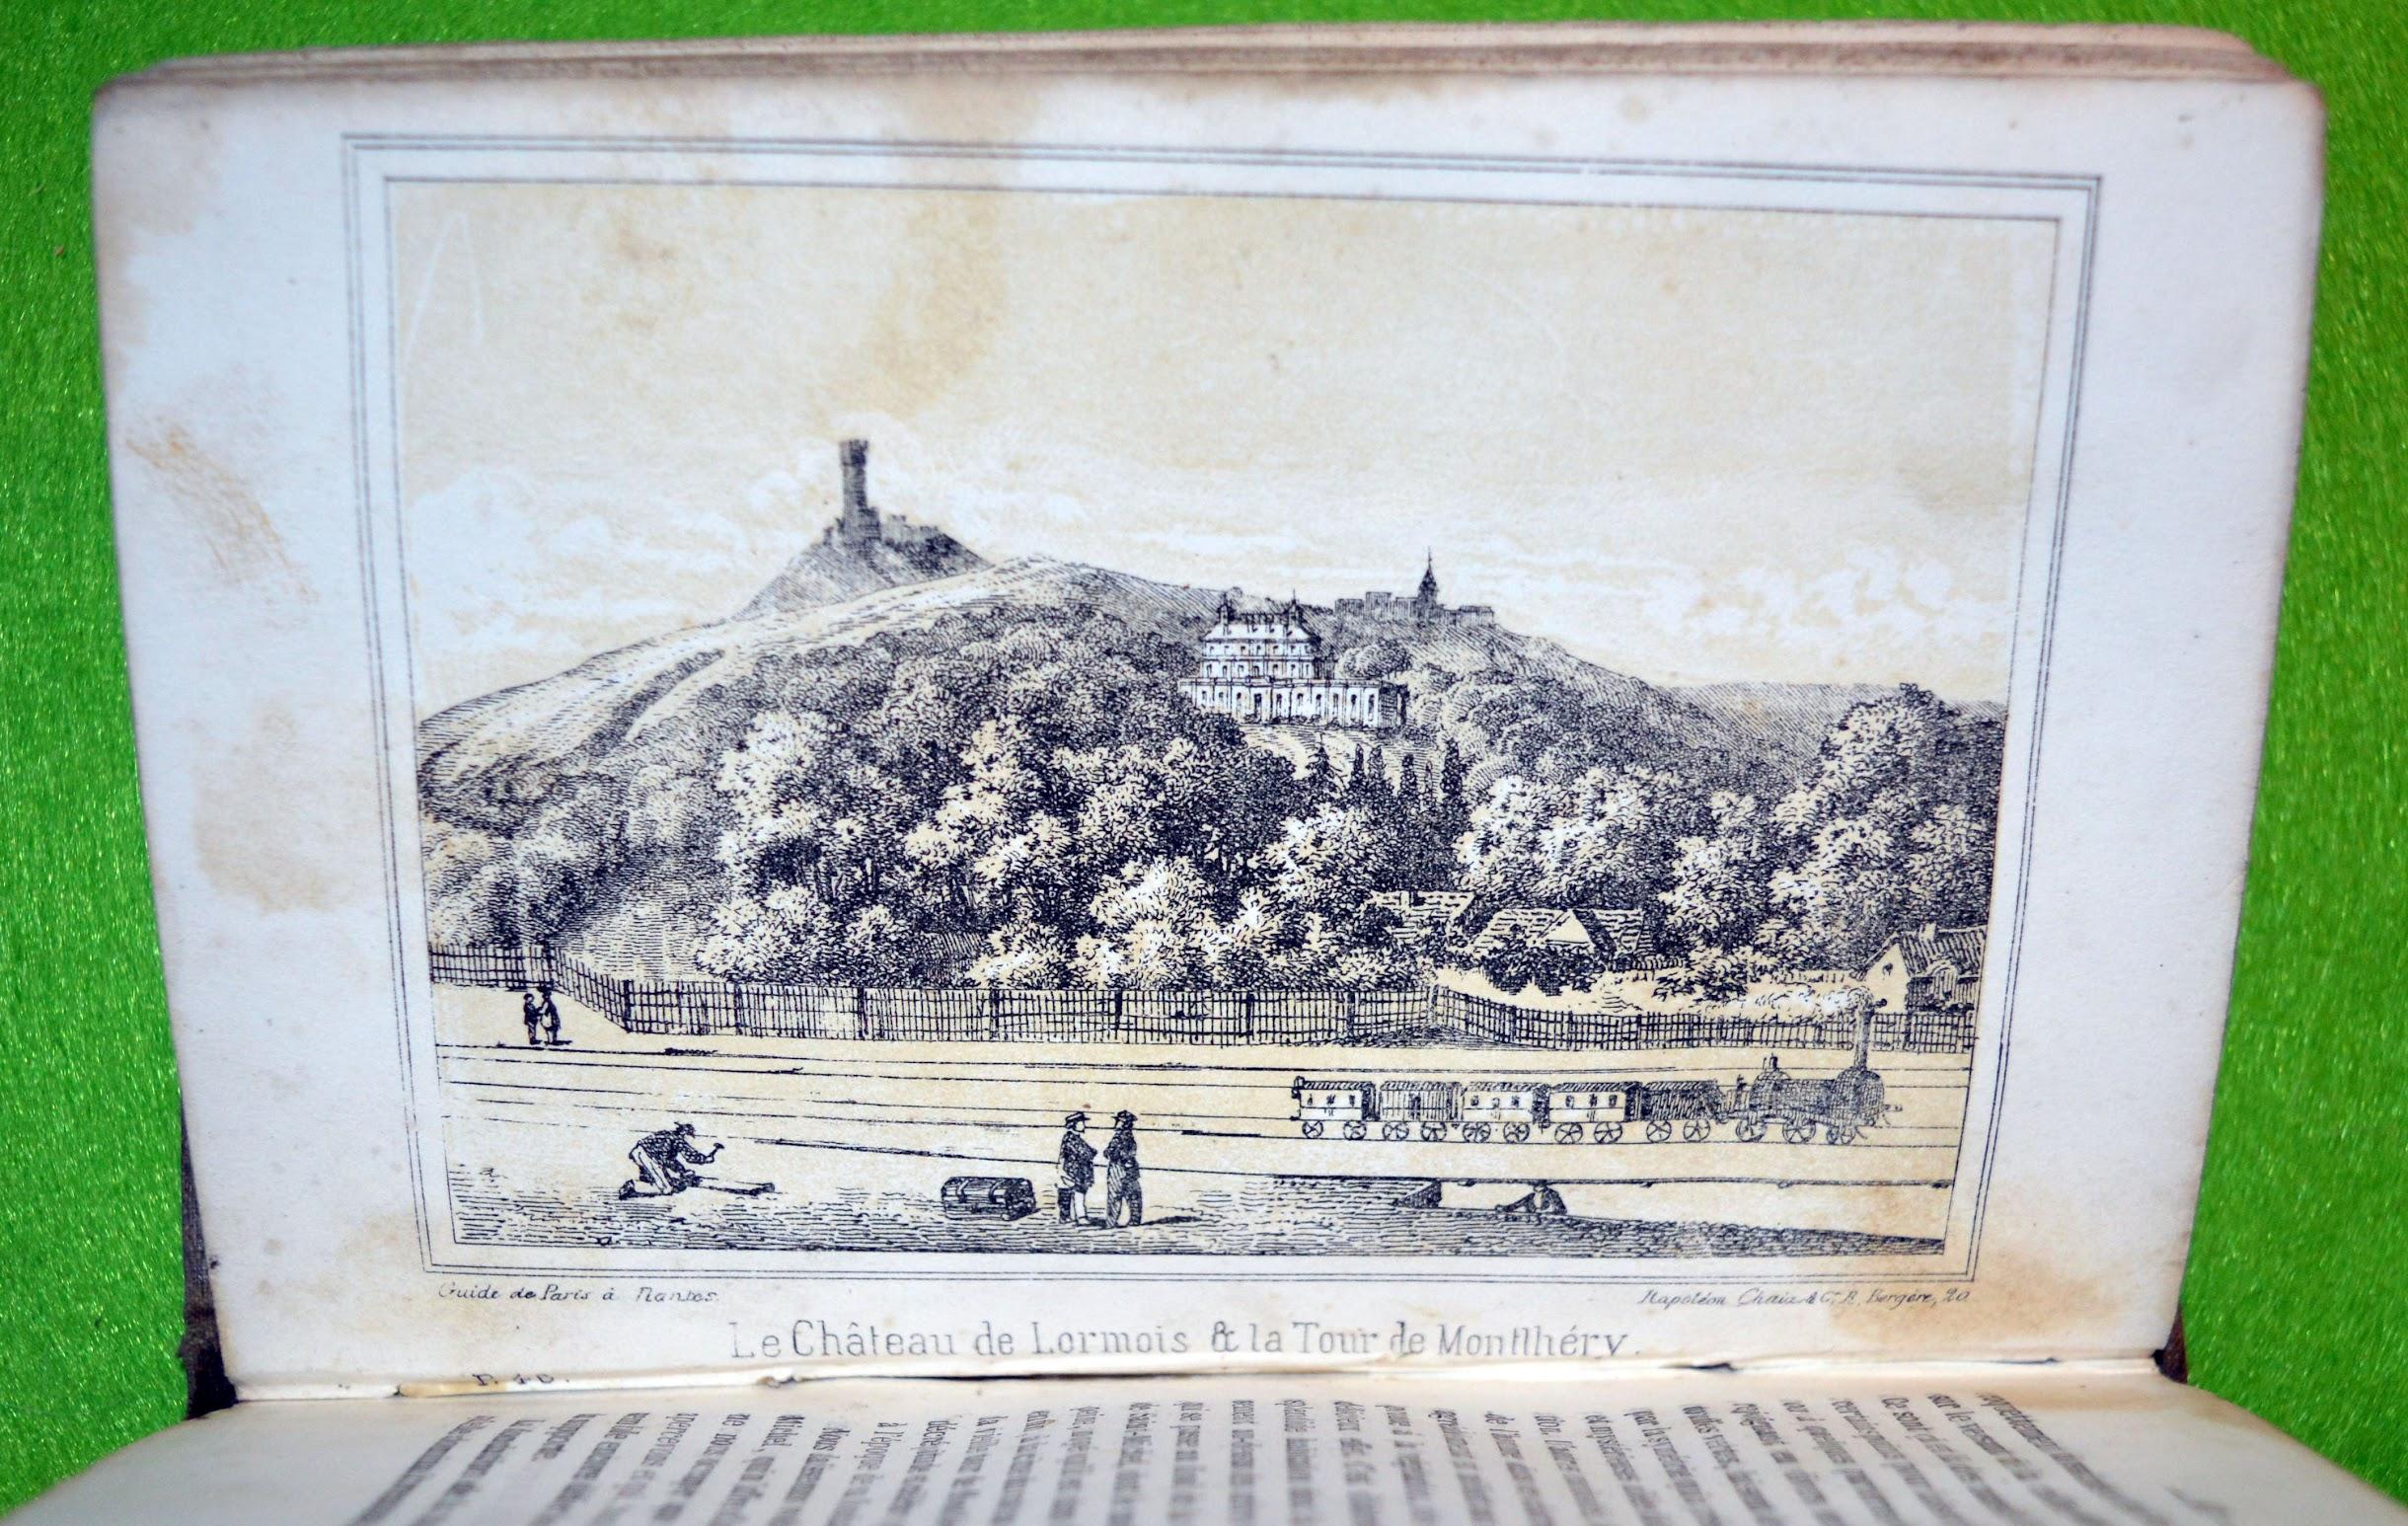 Von Paris nach Nantes - ein Reiseführer von ca. 1840